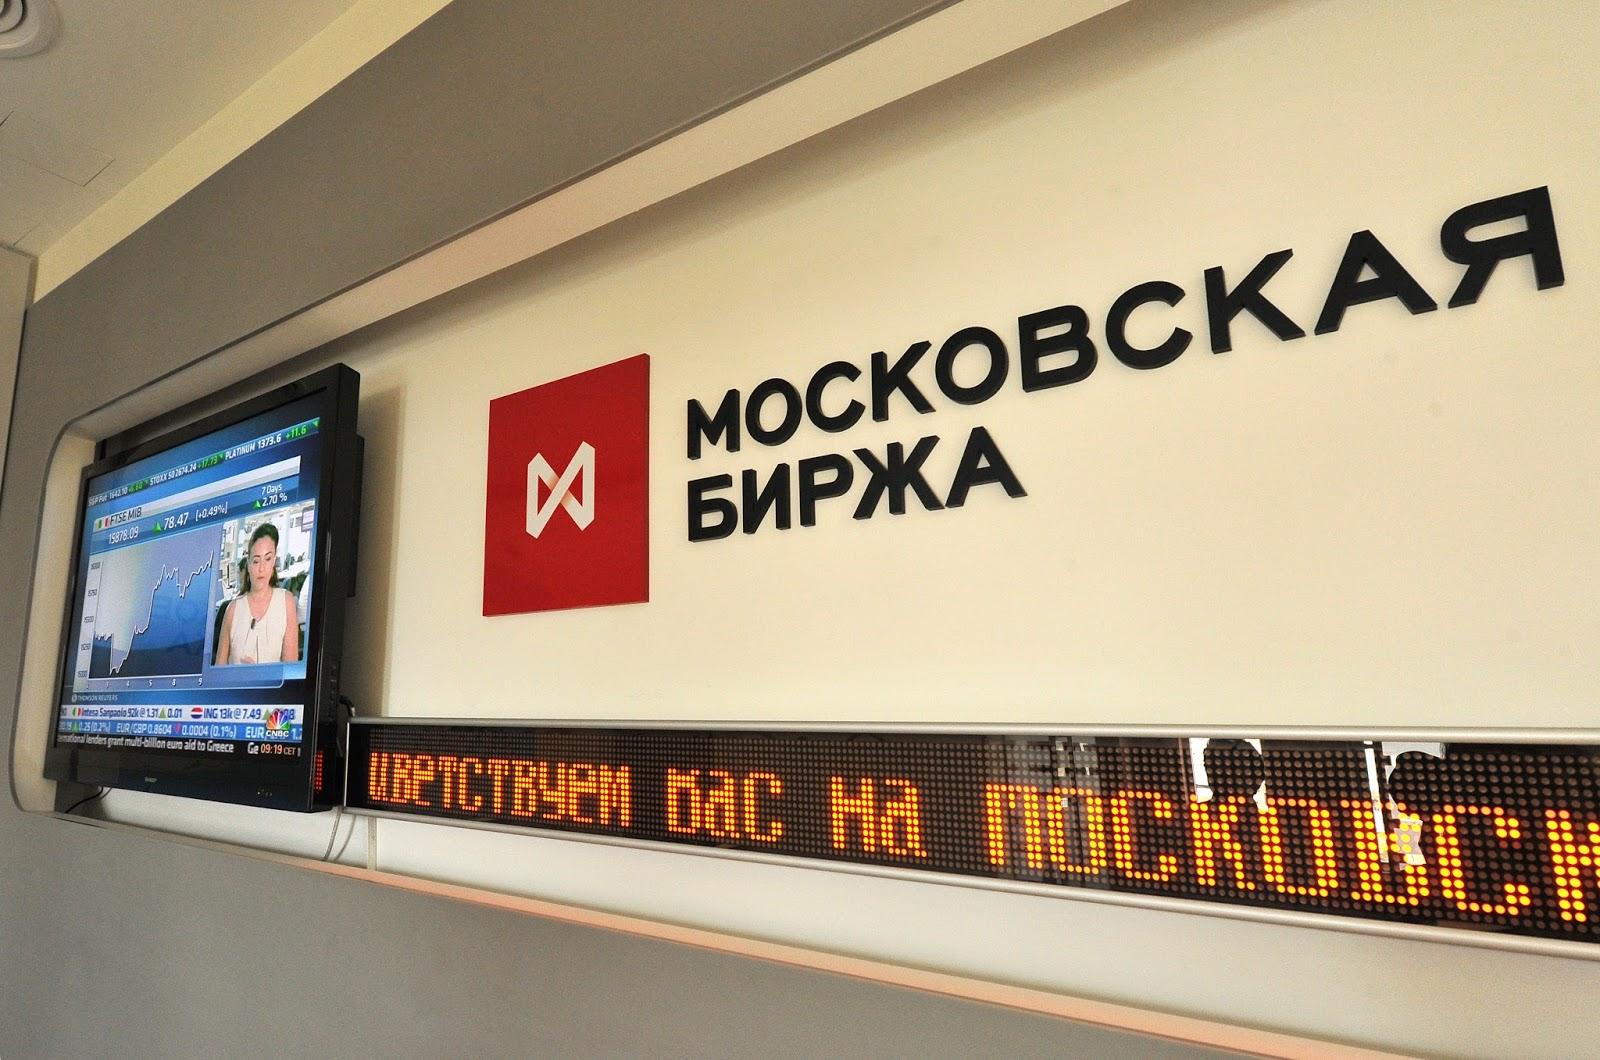 Московская биржа. Торговая сессия. Акции и облигации